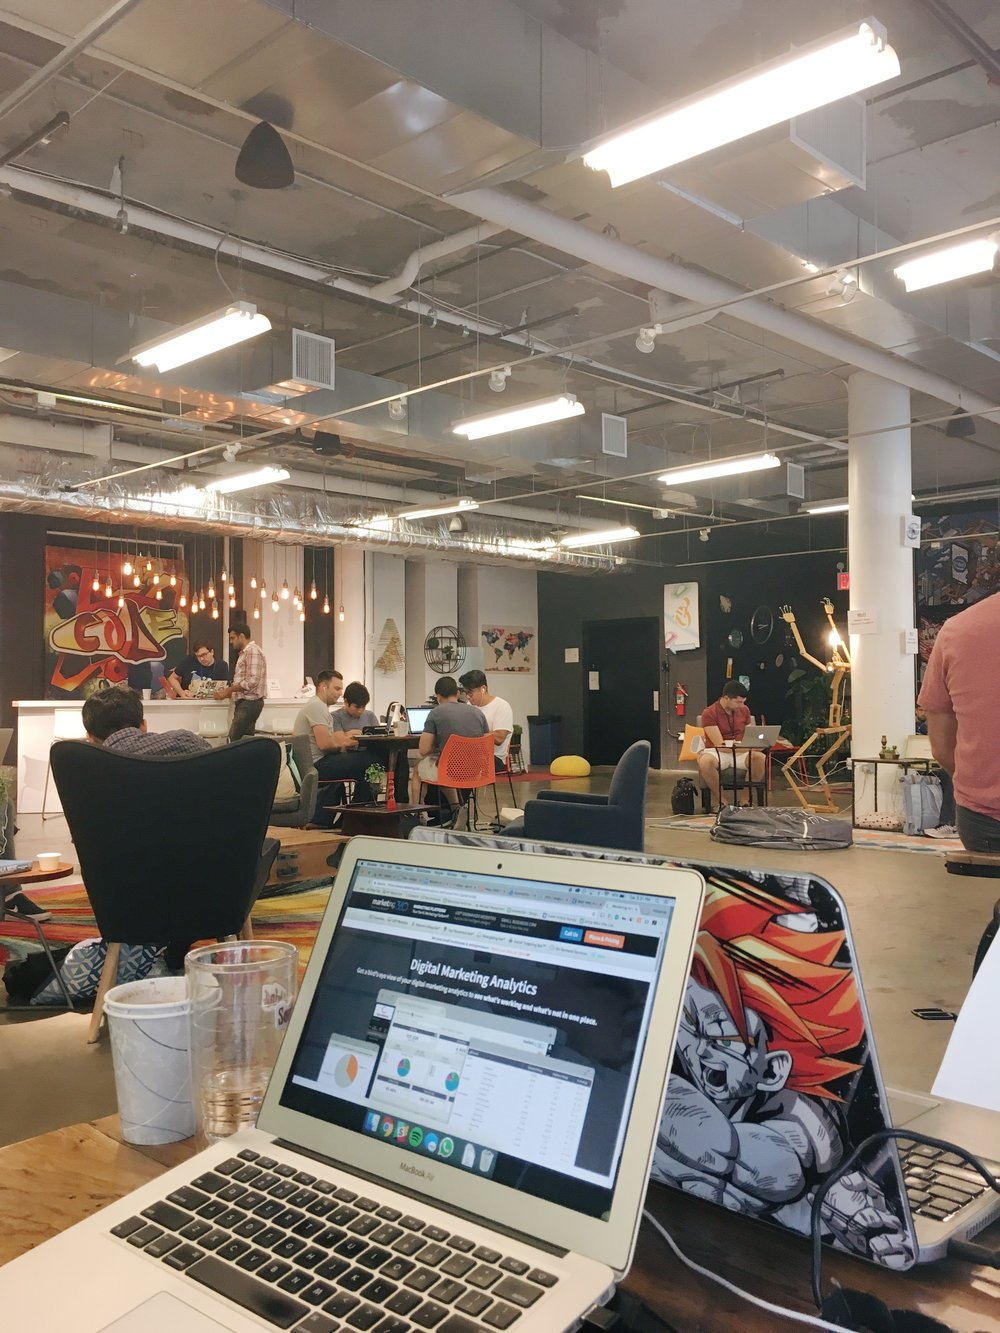 集結許多創業家在這邊工作,大家都很認真辦公